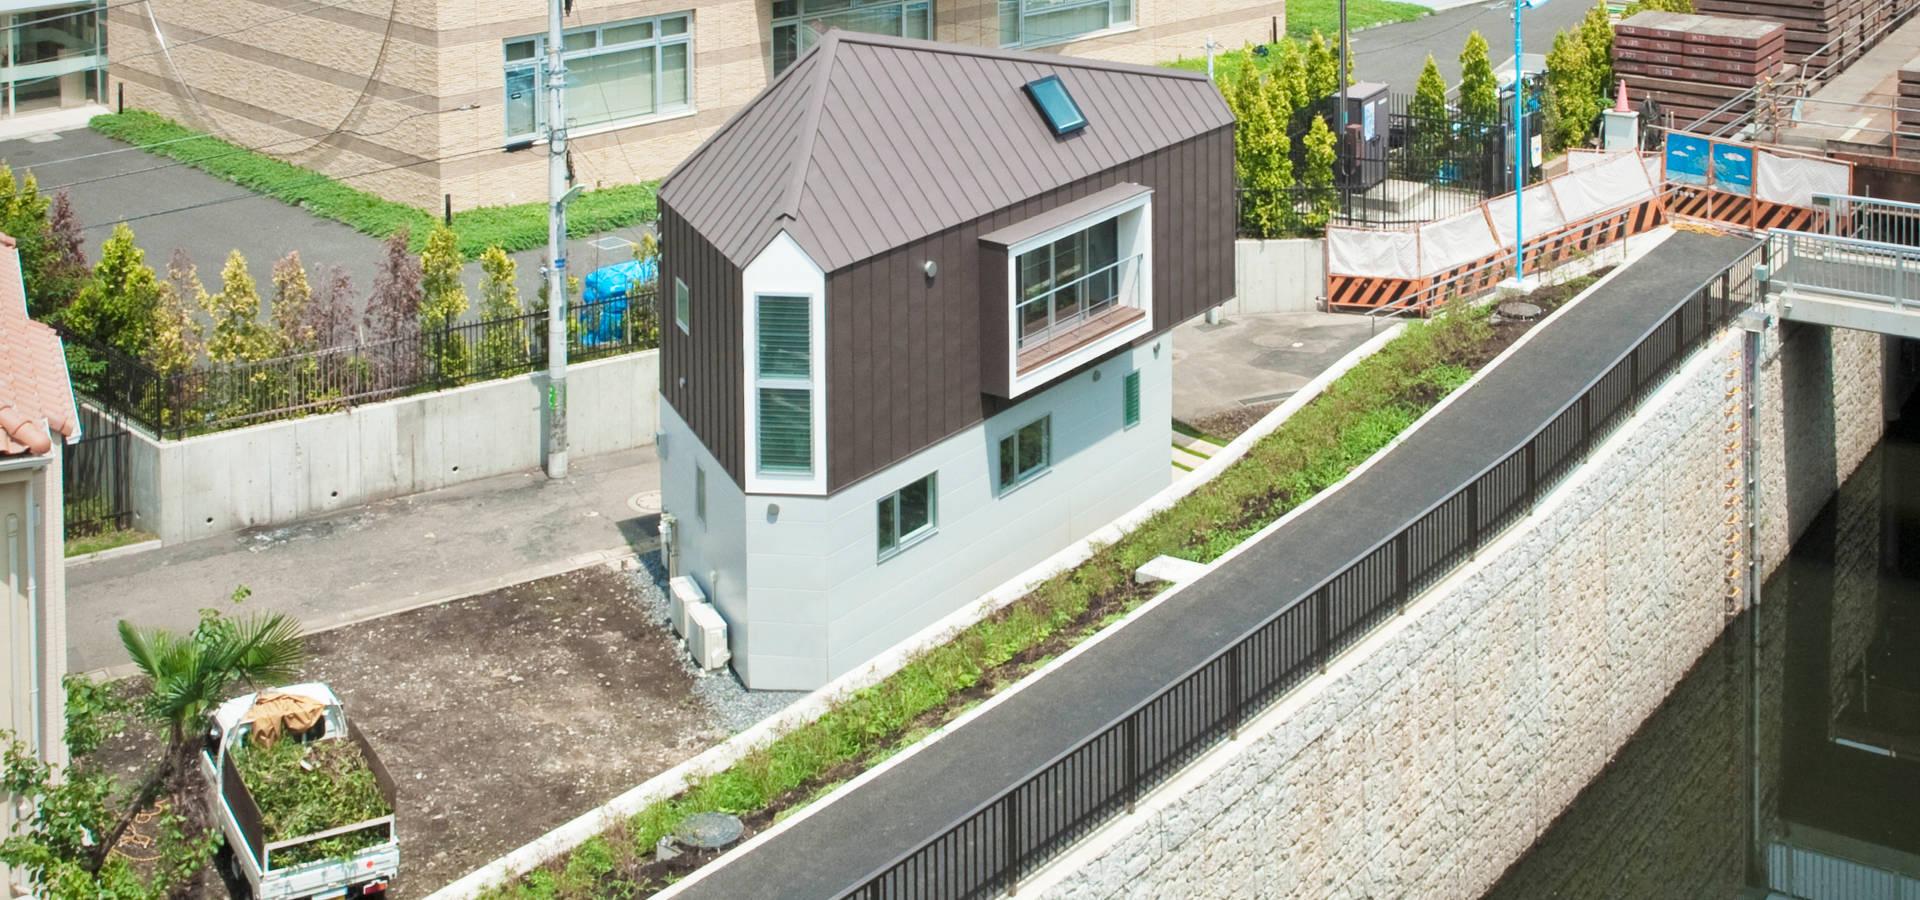 水石浩太建築設計室/ MIZUISHI Architect Atelier